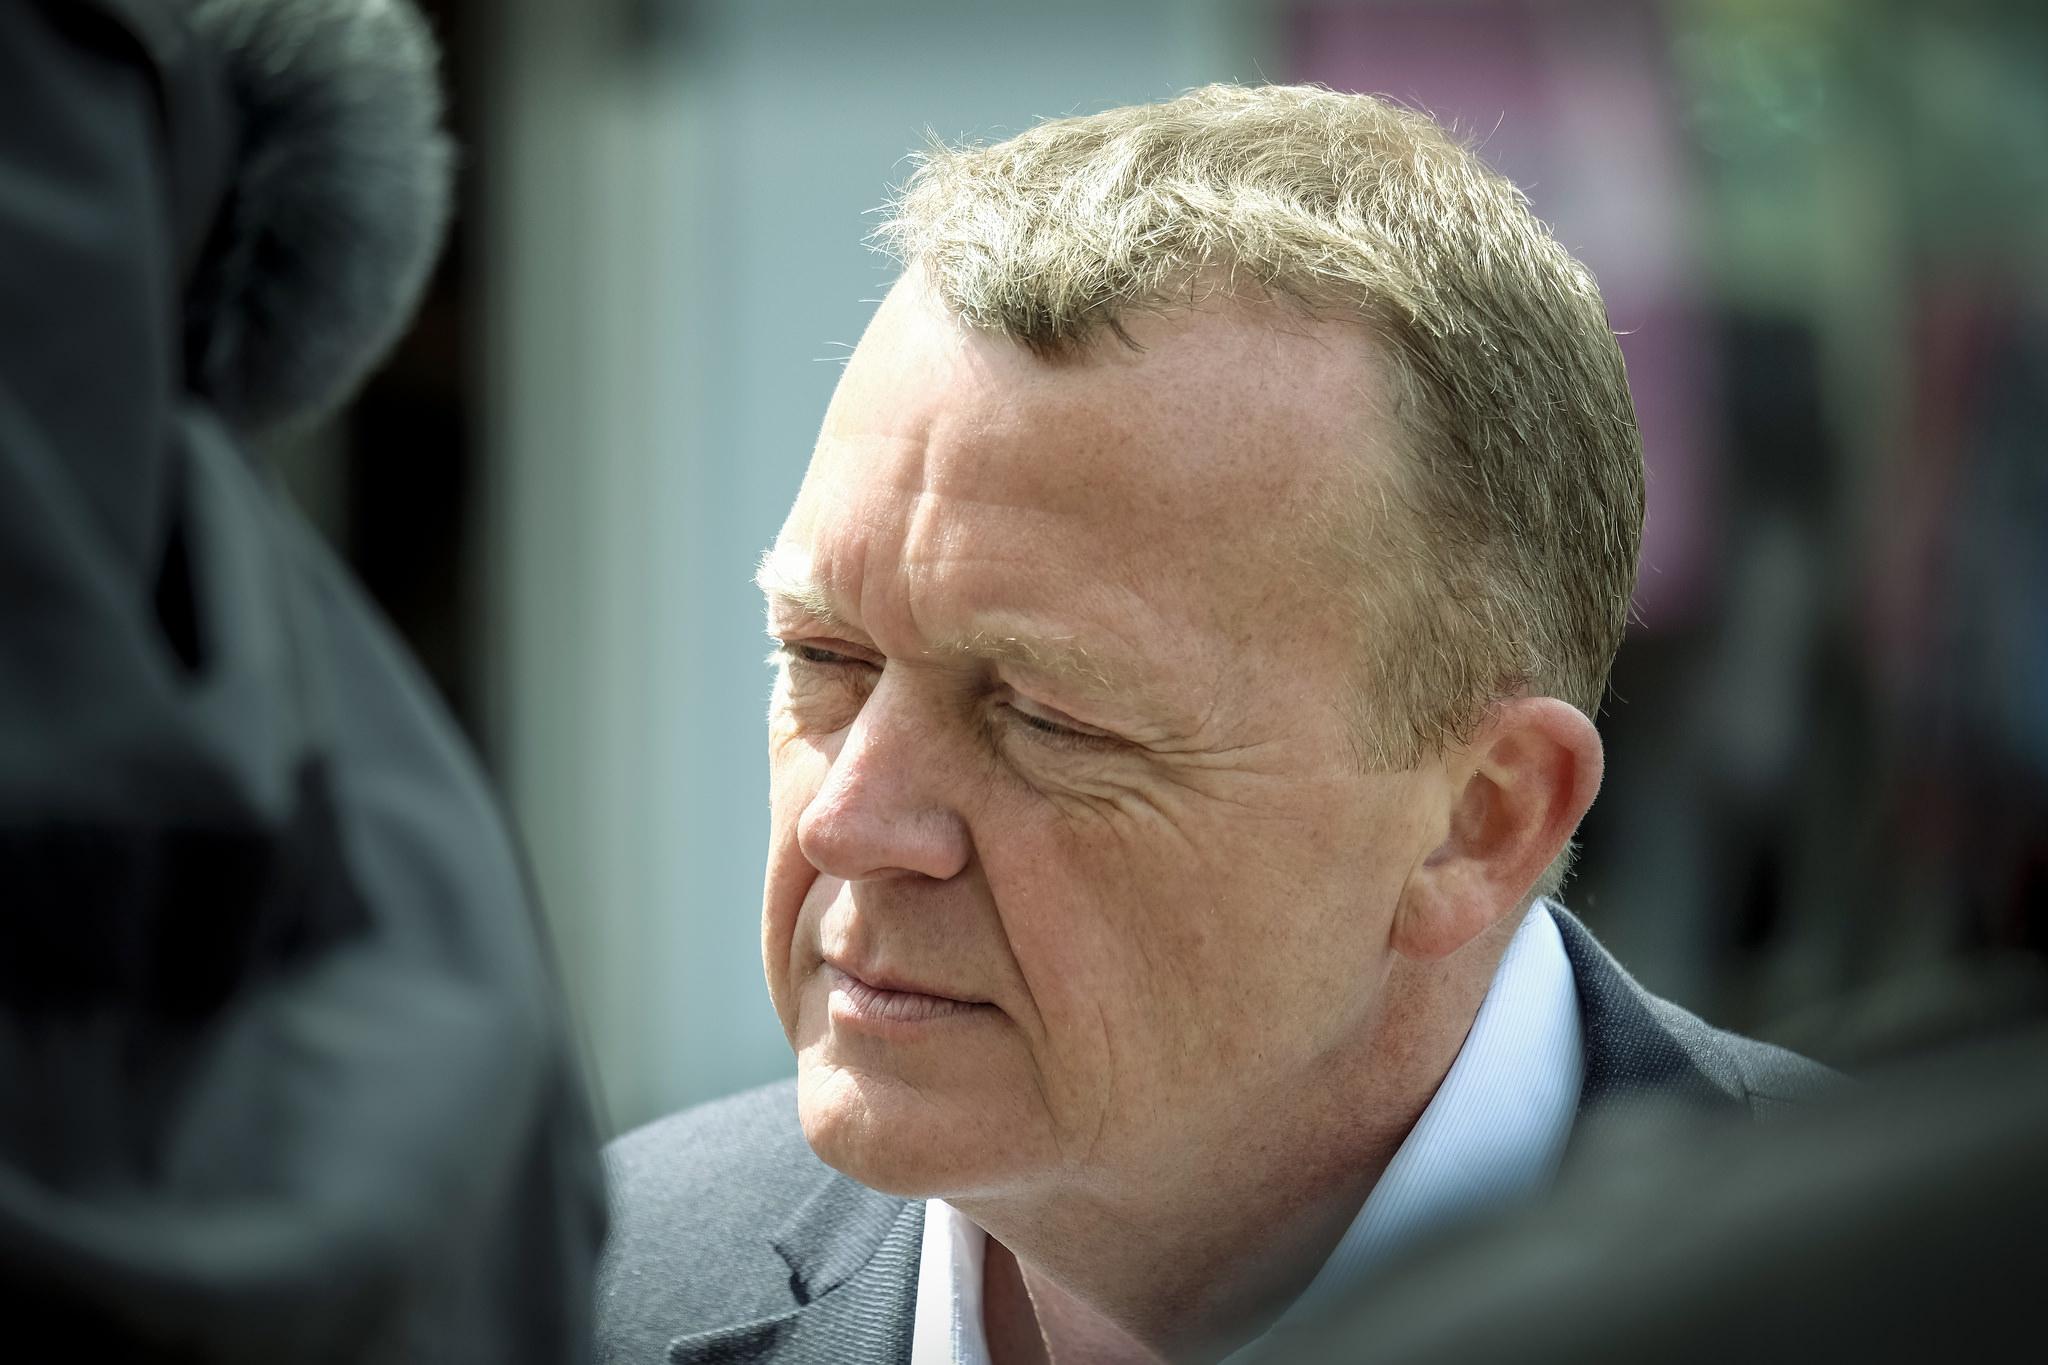 Dänemarks Regierungschef Lars Løkke Rasmussen ist enttäuscht über das Nein beim Referendum.